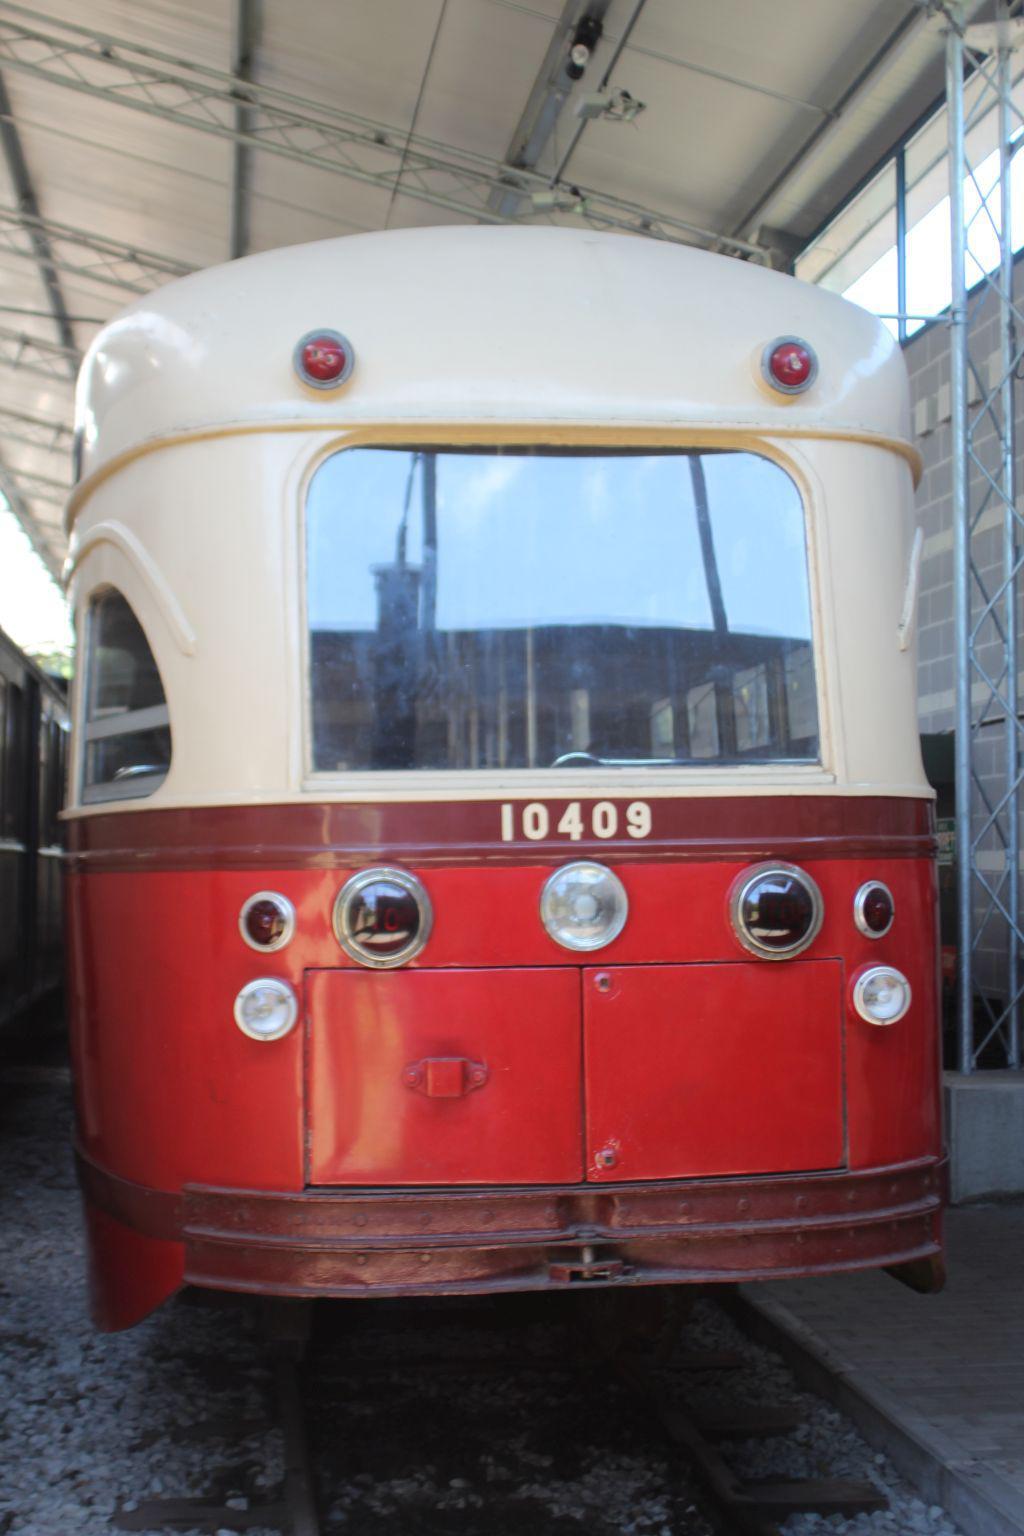 SVIE le musé du tram de Lobbes Thuin en Belgique  Img_3266-5662039